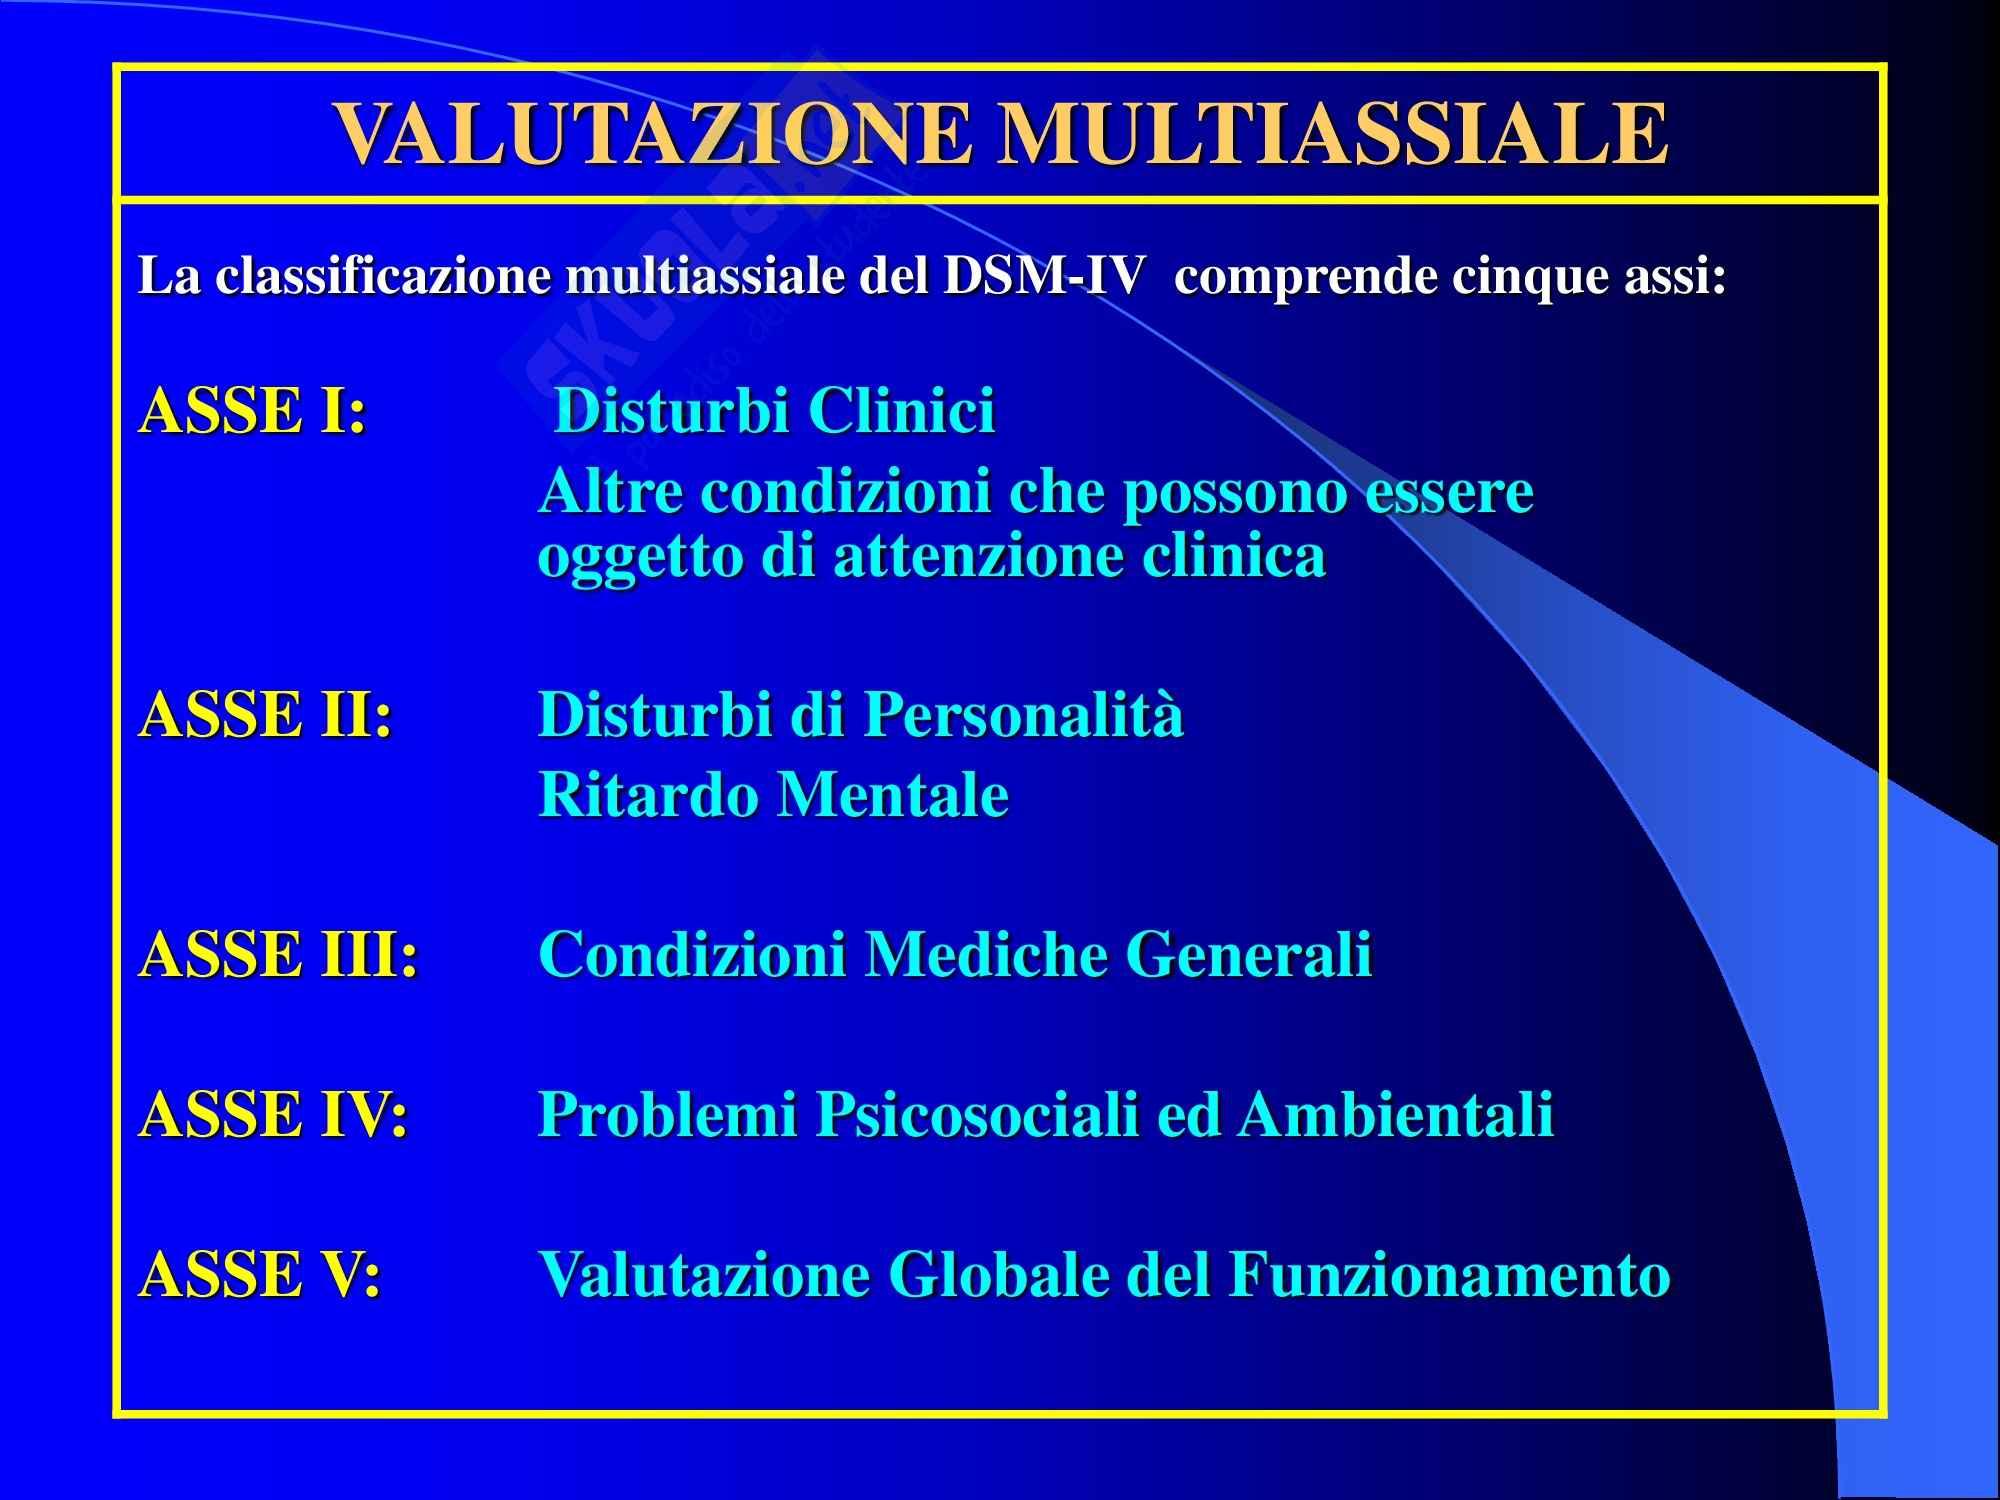 Psichiatria - classificazione DSM-IV